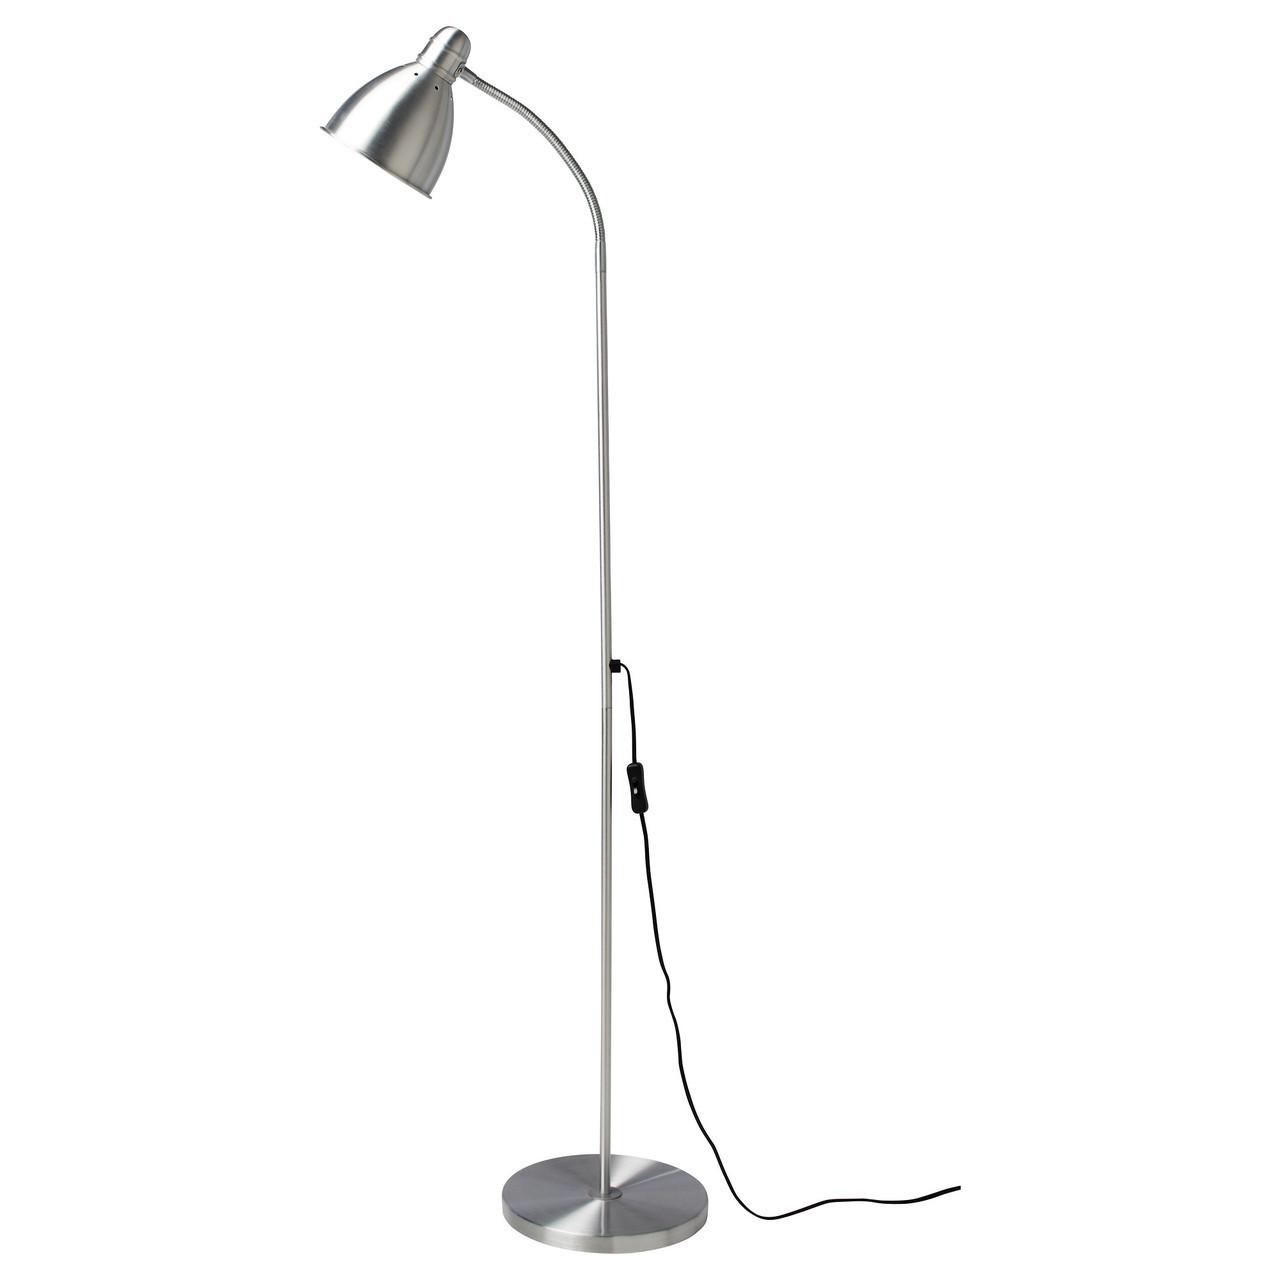 Светильник напольный для чтения LERSTA, алюминий, IKEA, 001.106.40